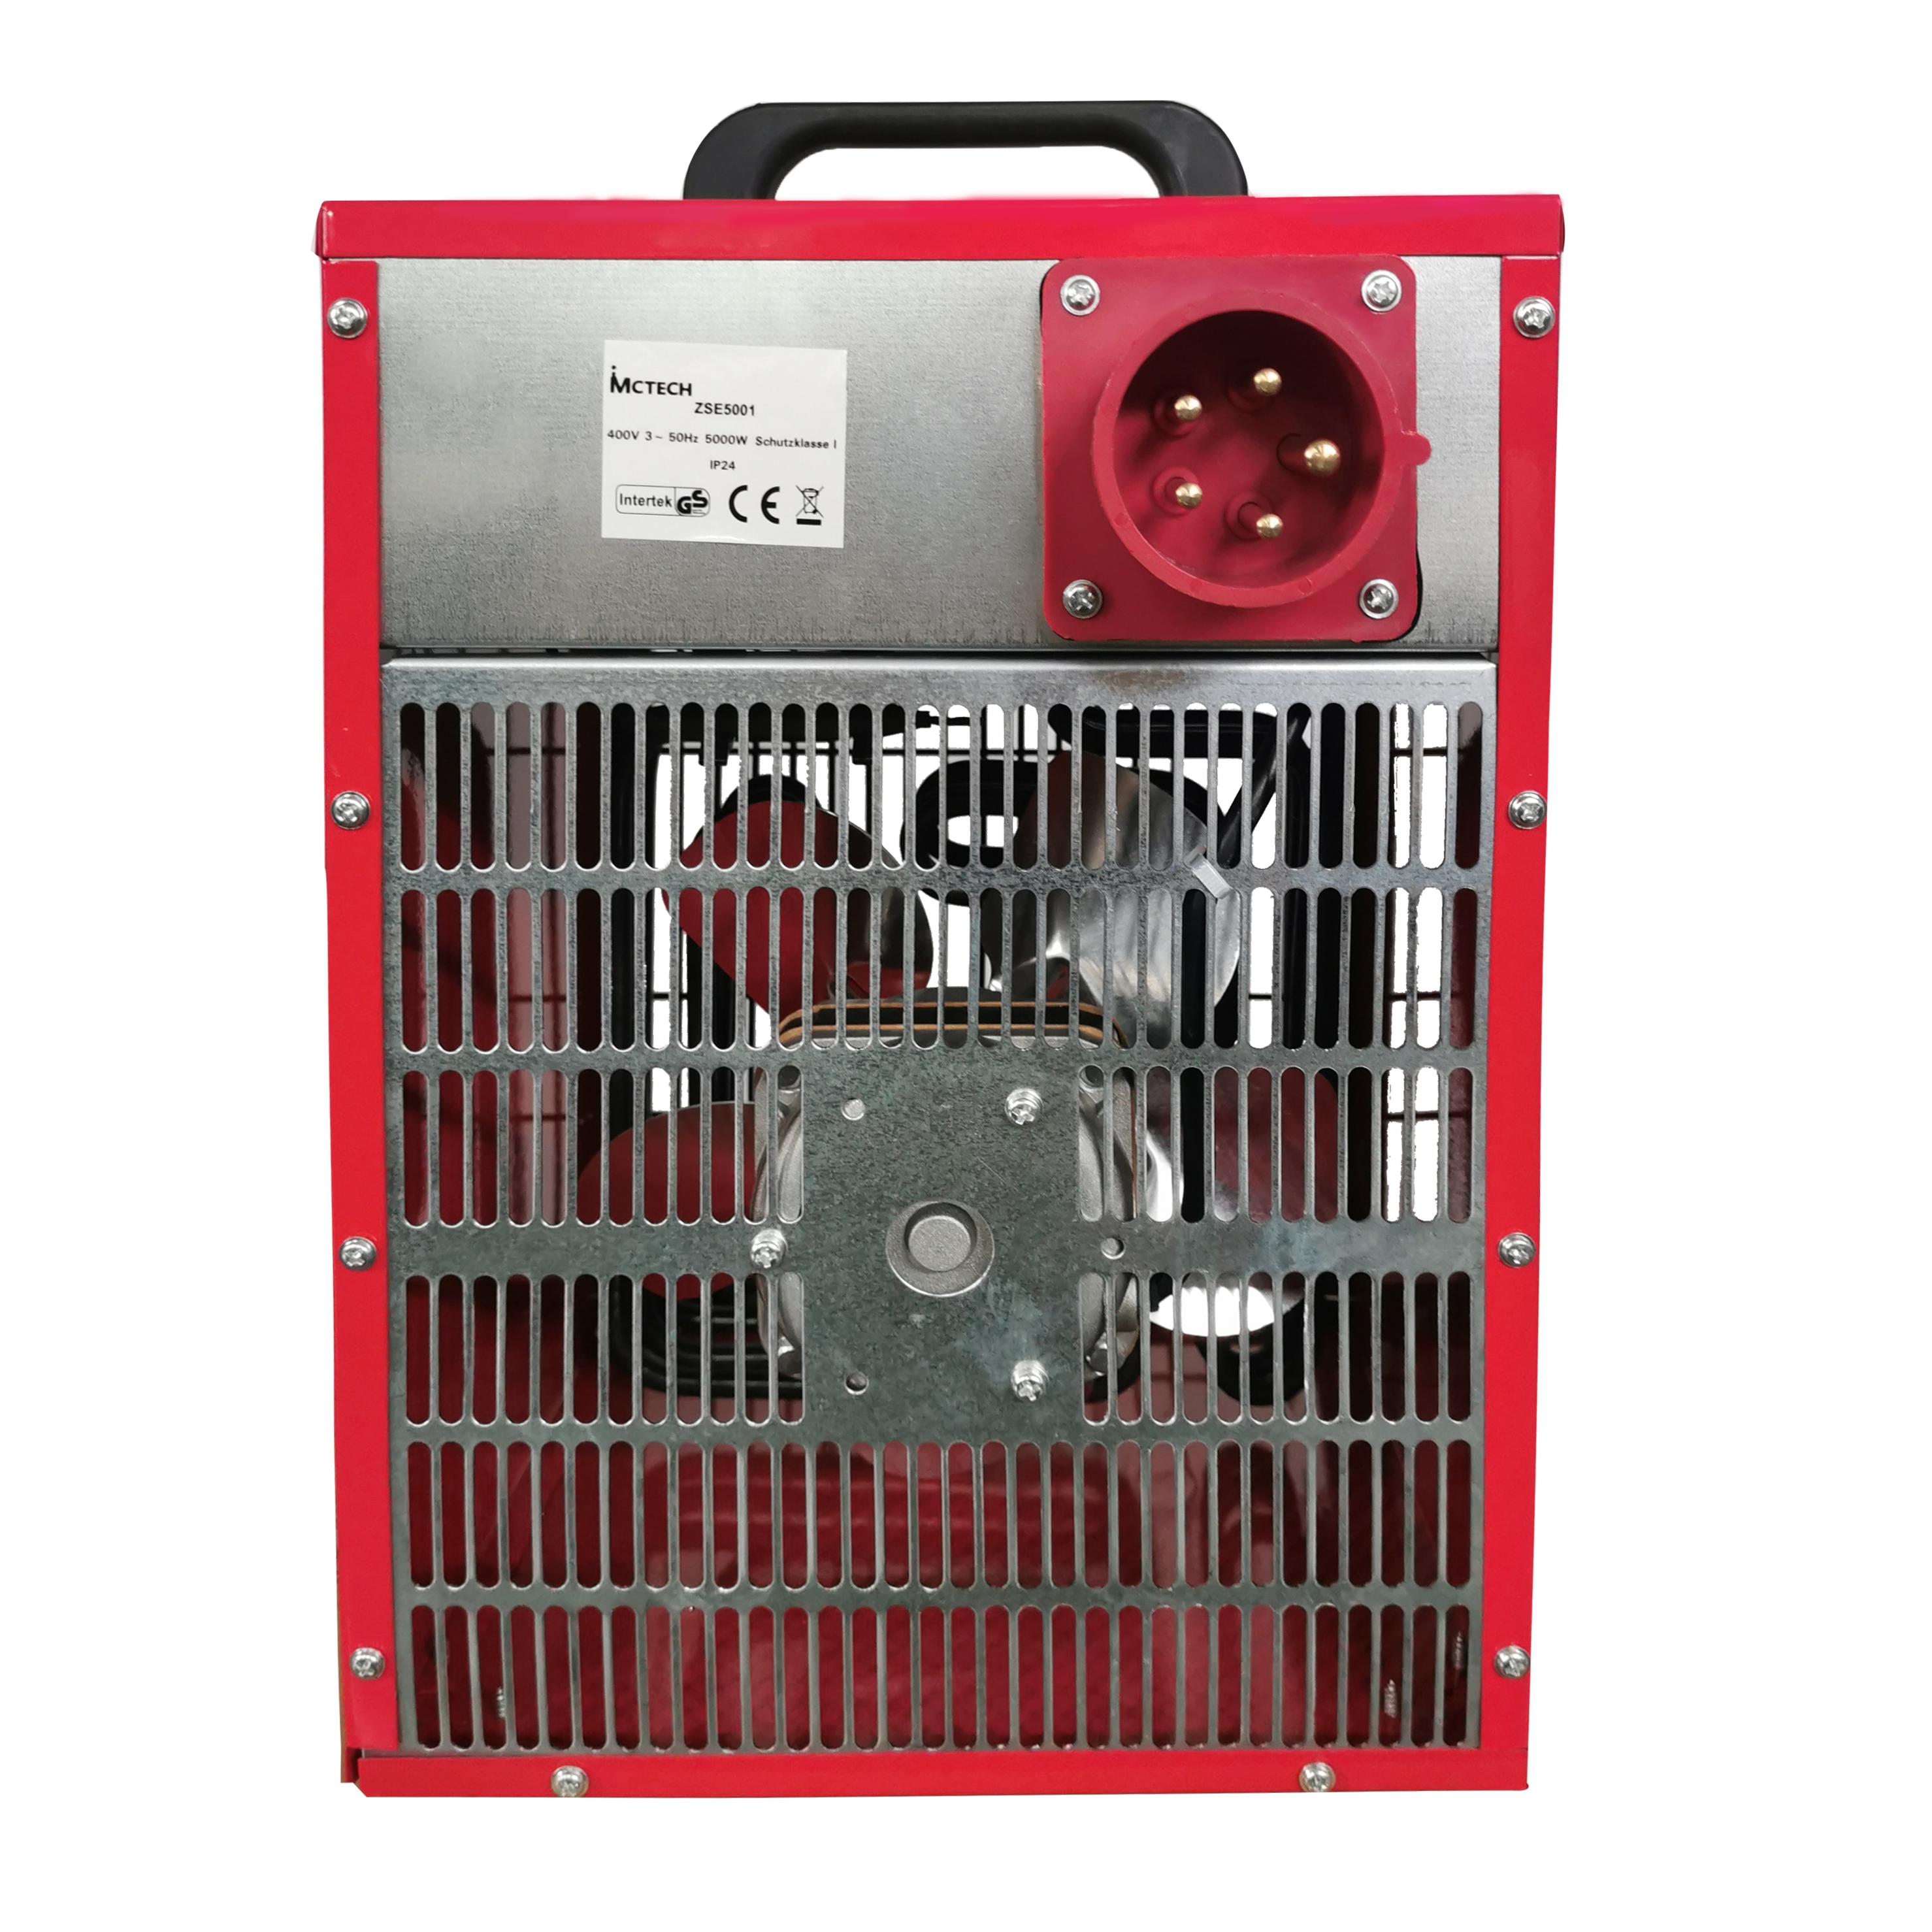 Bauheizer Heizluefter Elektroheizung Elektroheizer Heizgebläse 3kW-9kW Edelstahl